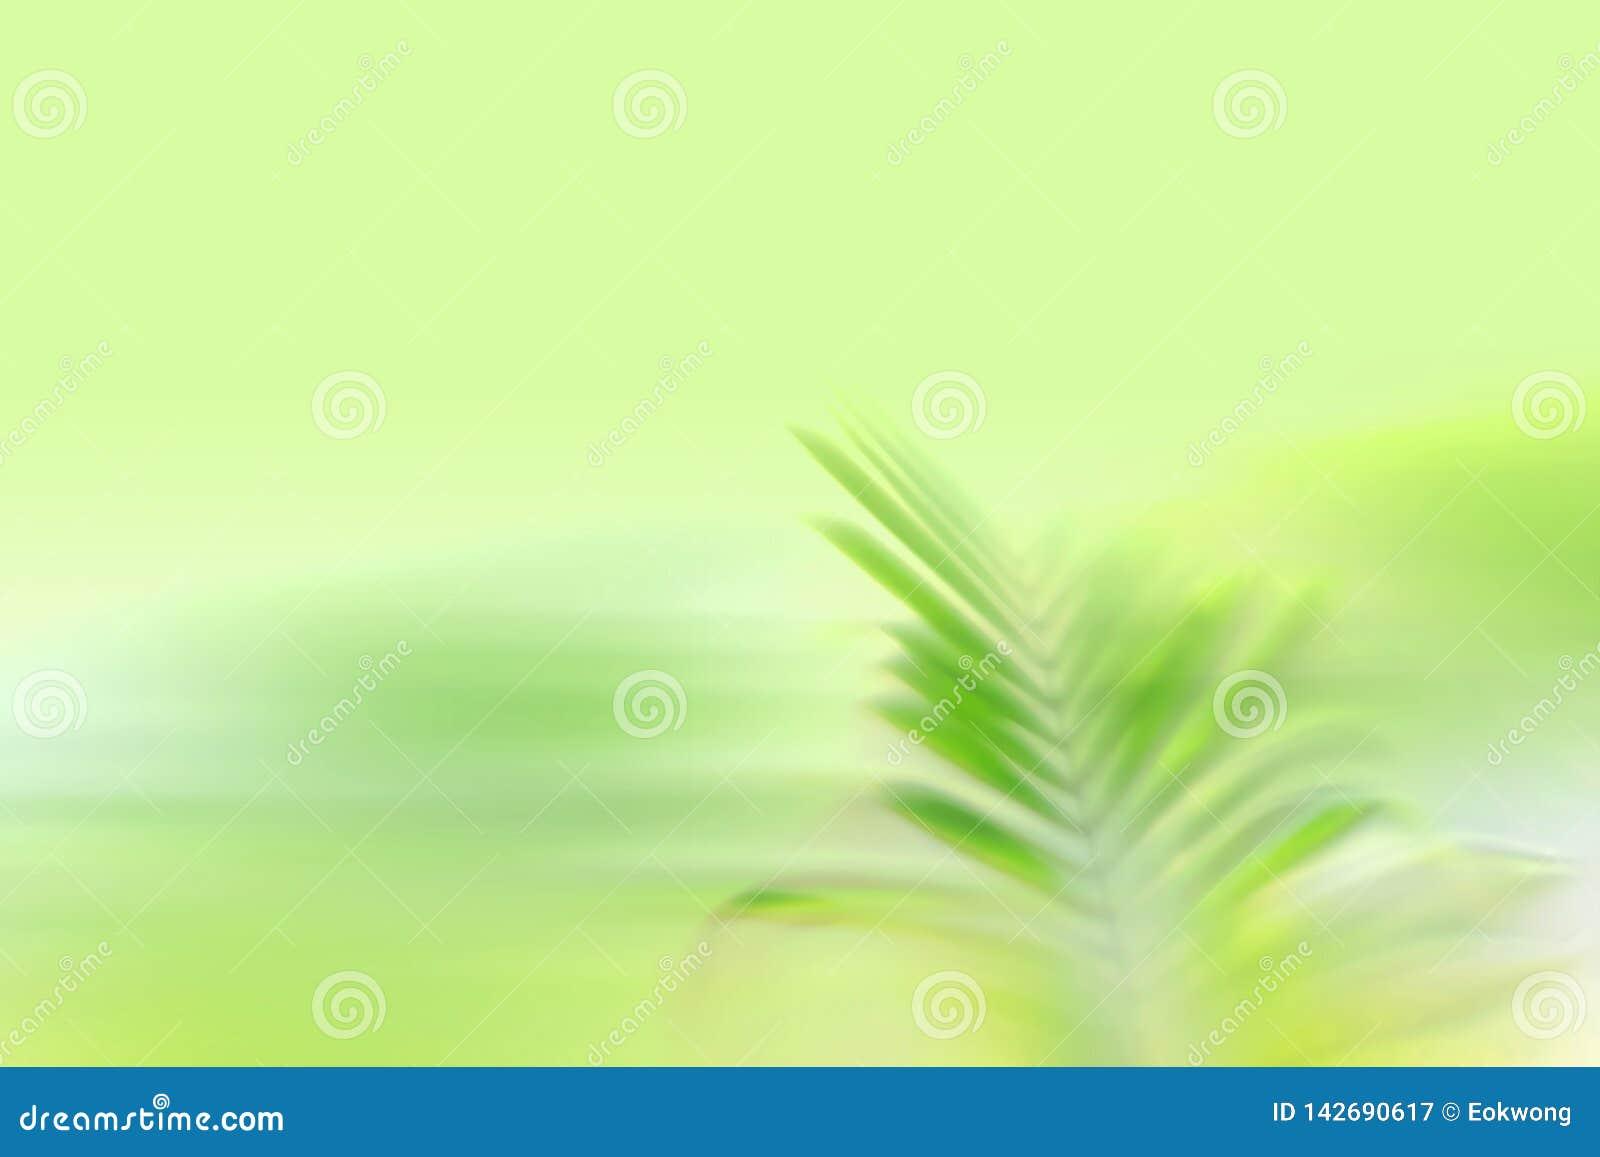 Groen bladonduidelijk beeld, aard zen achtergrond - het effect van de snelheidsmotie